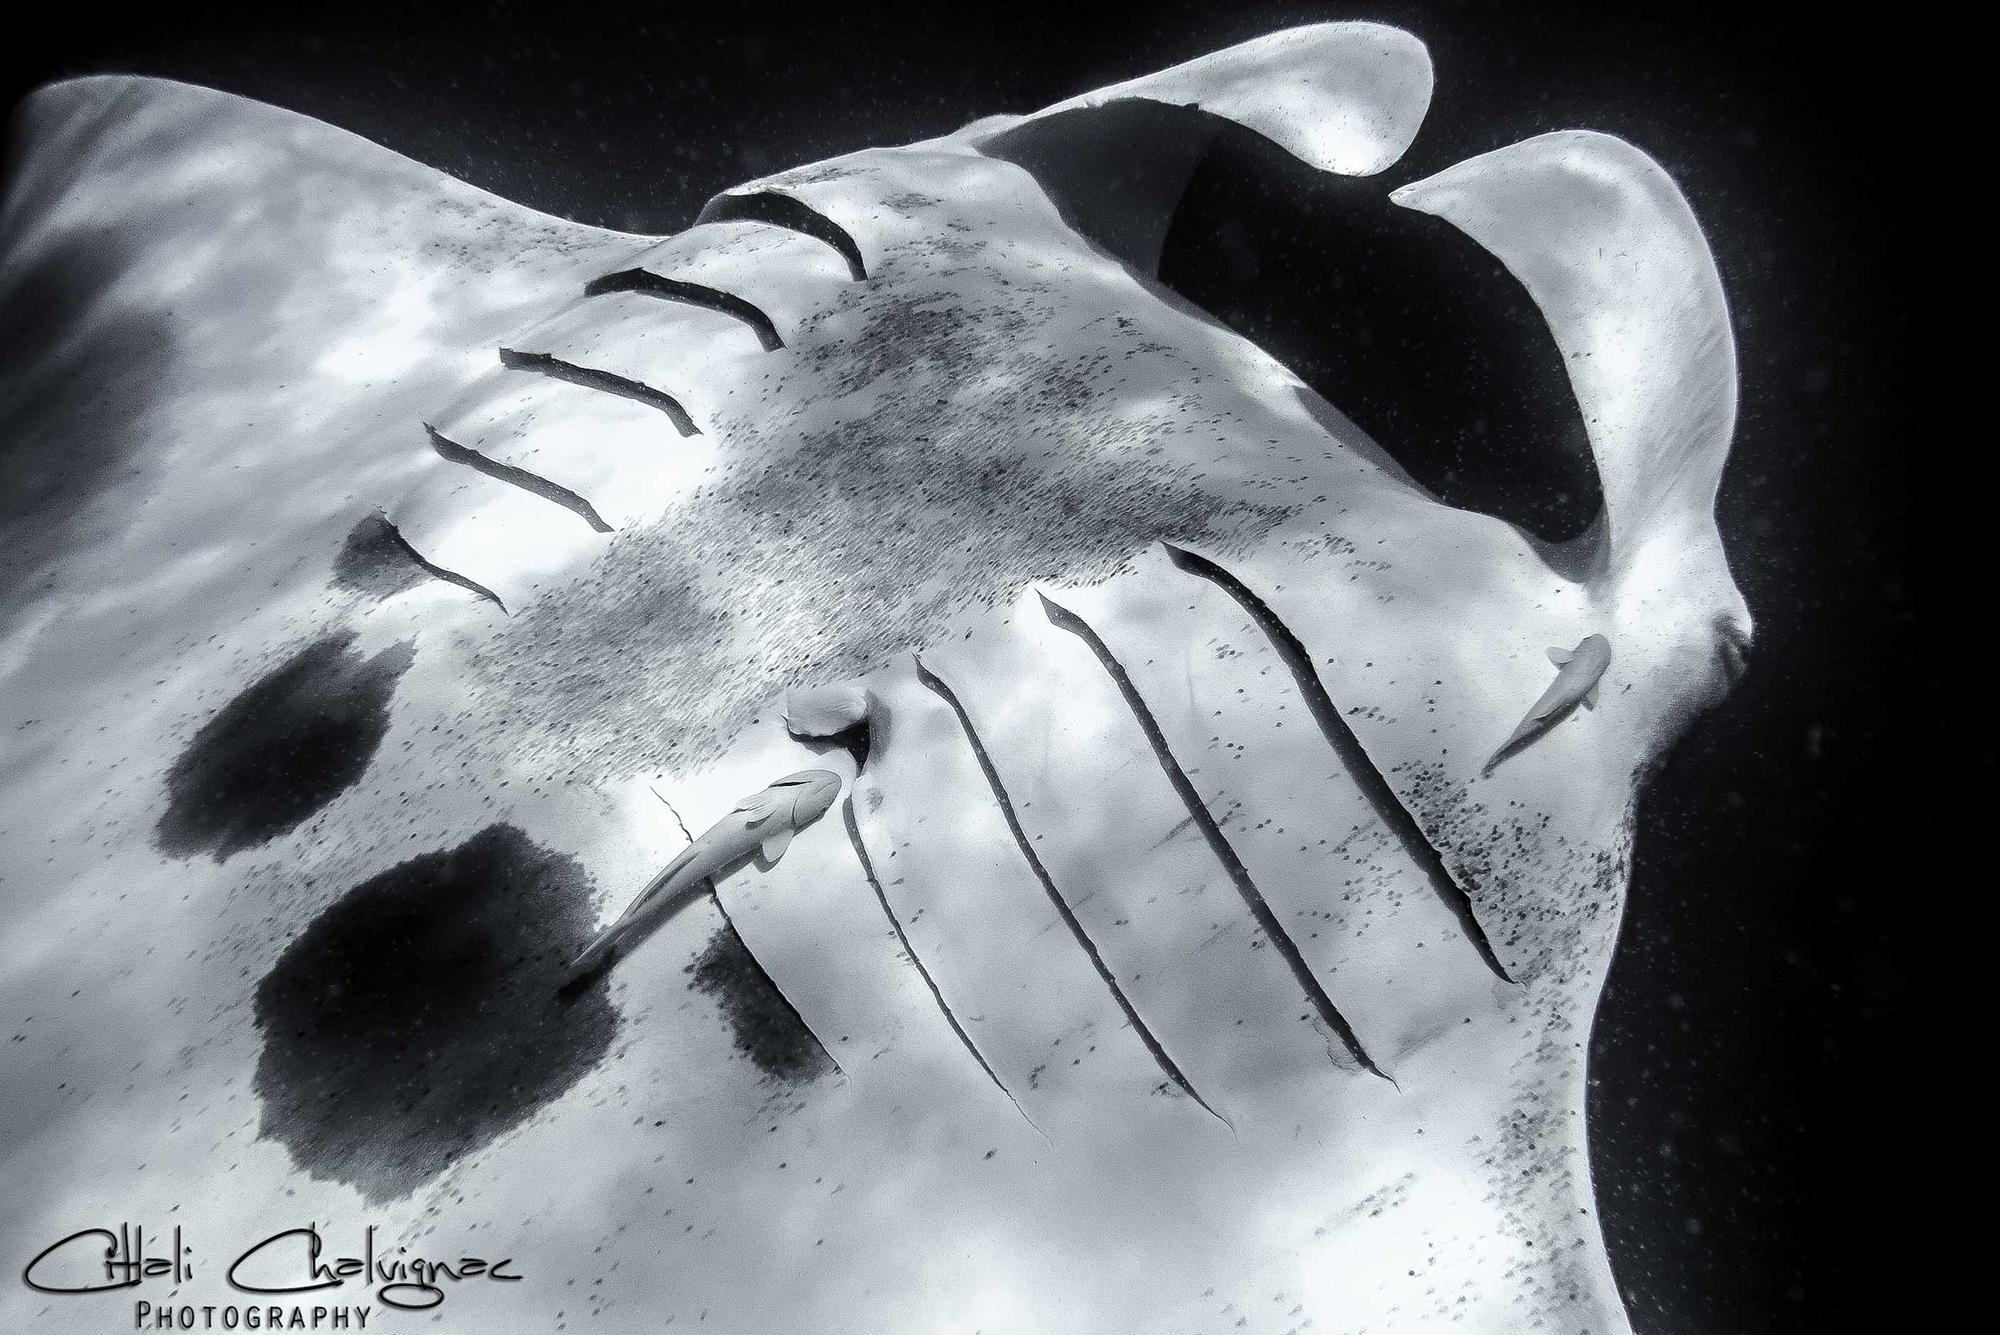 Galeria Black and white imagen 4 Citlali Chalvignac